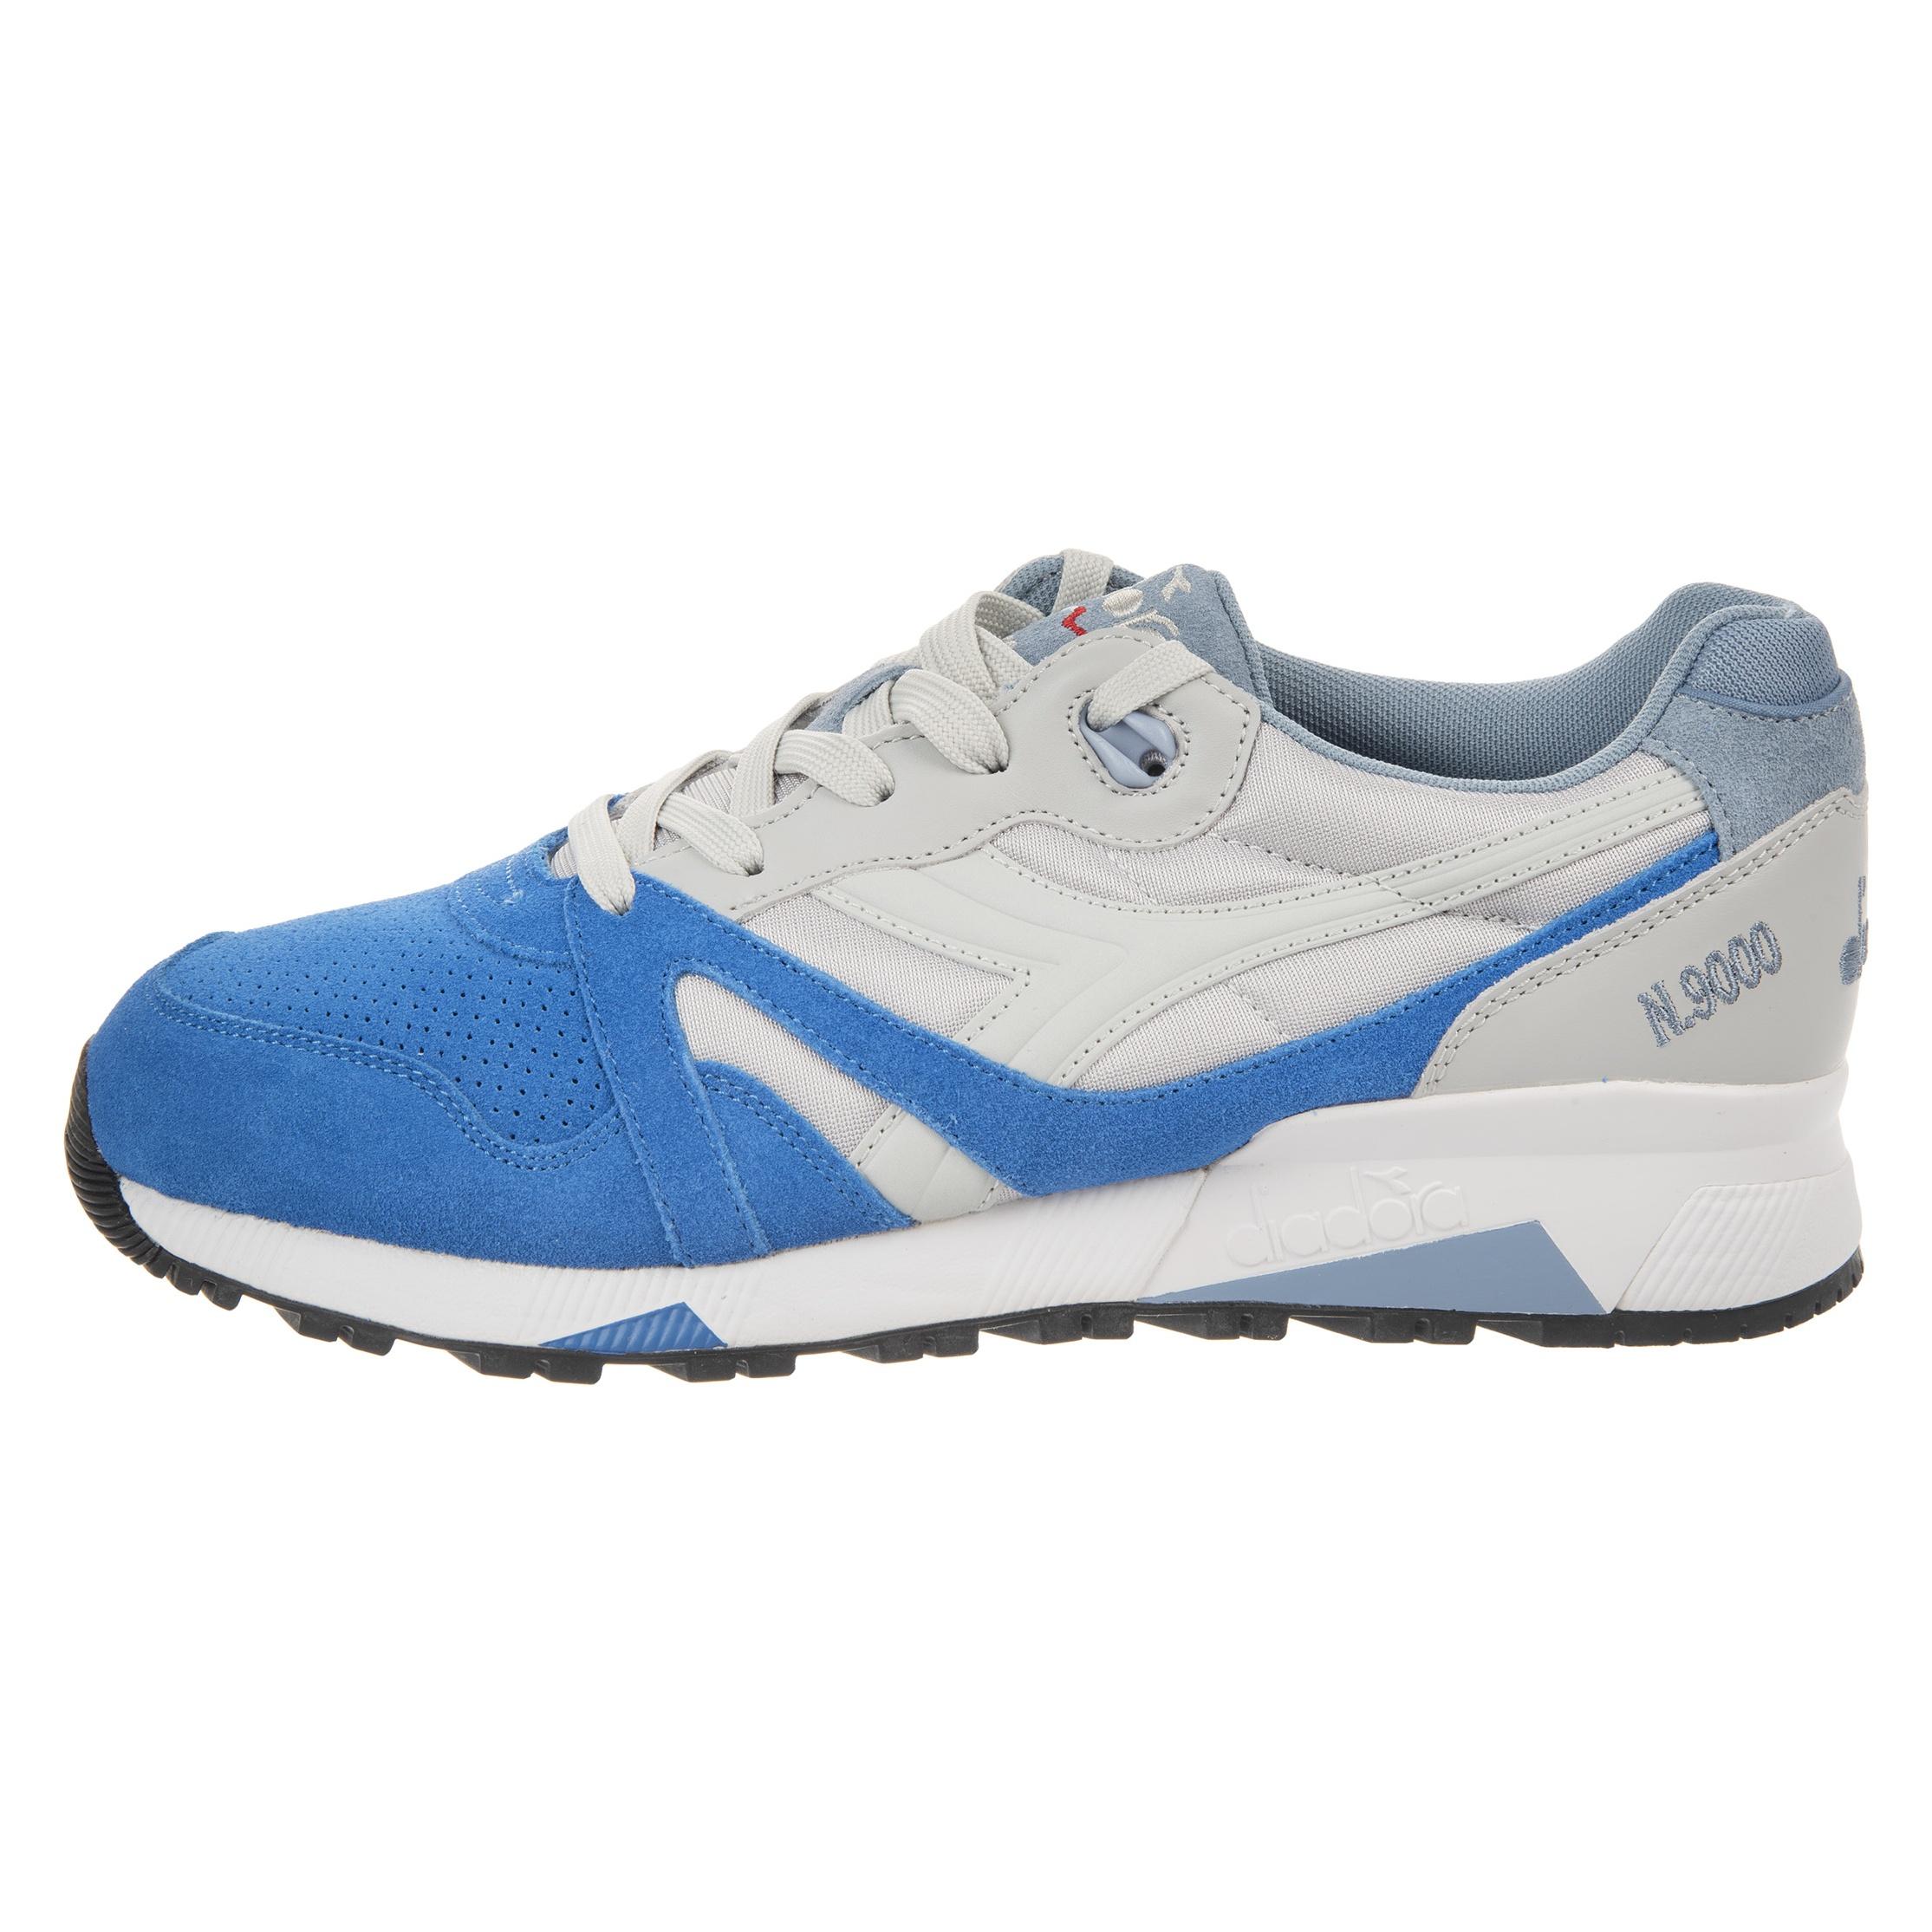 کفش مخصوص پیاده روی مردانه دیادورا کد N 9000 Double 6130